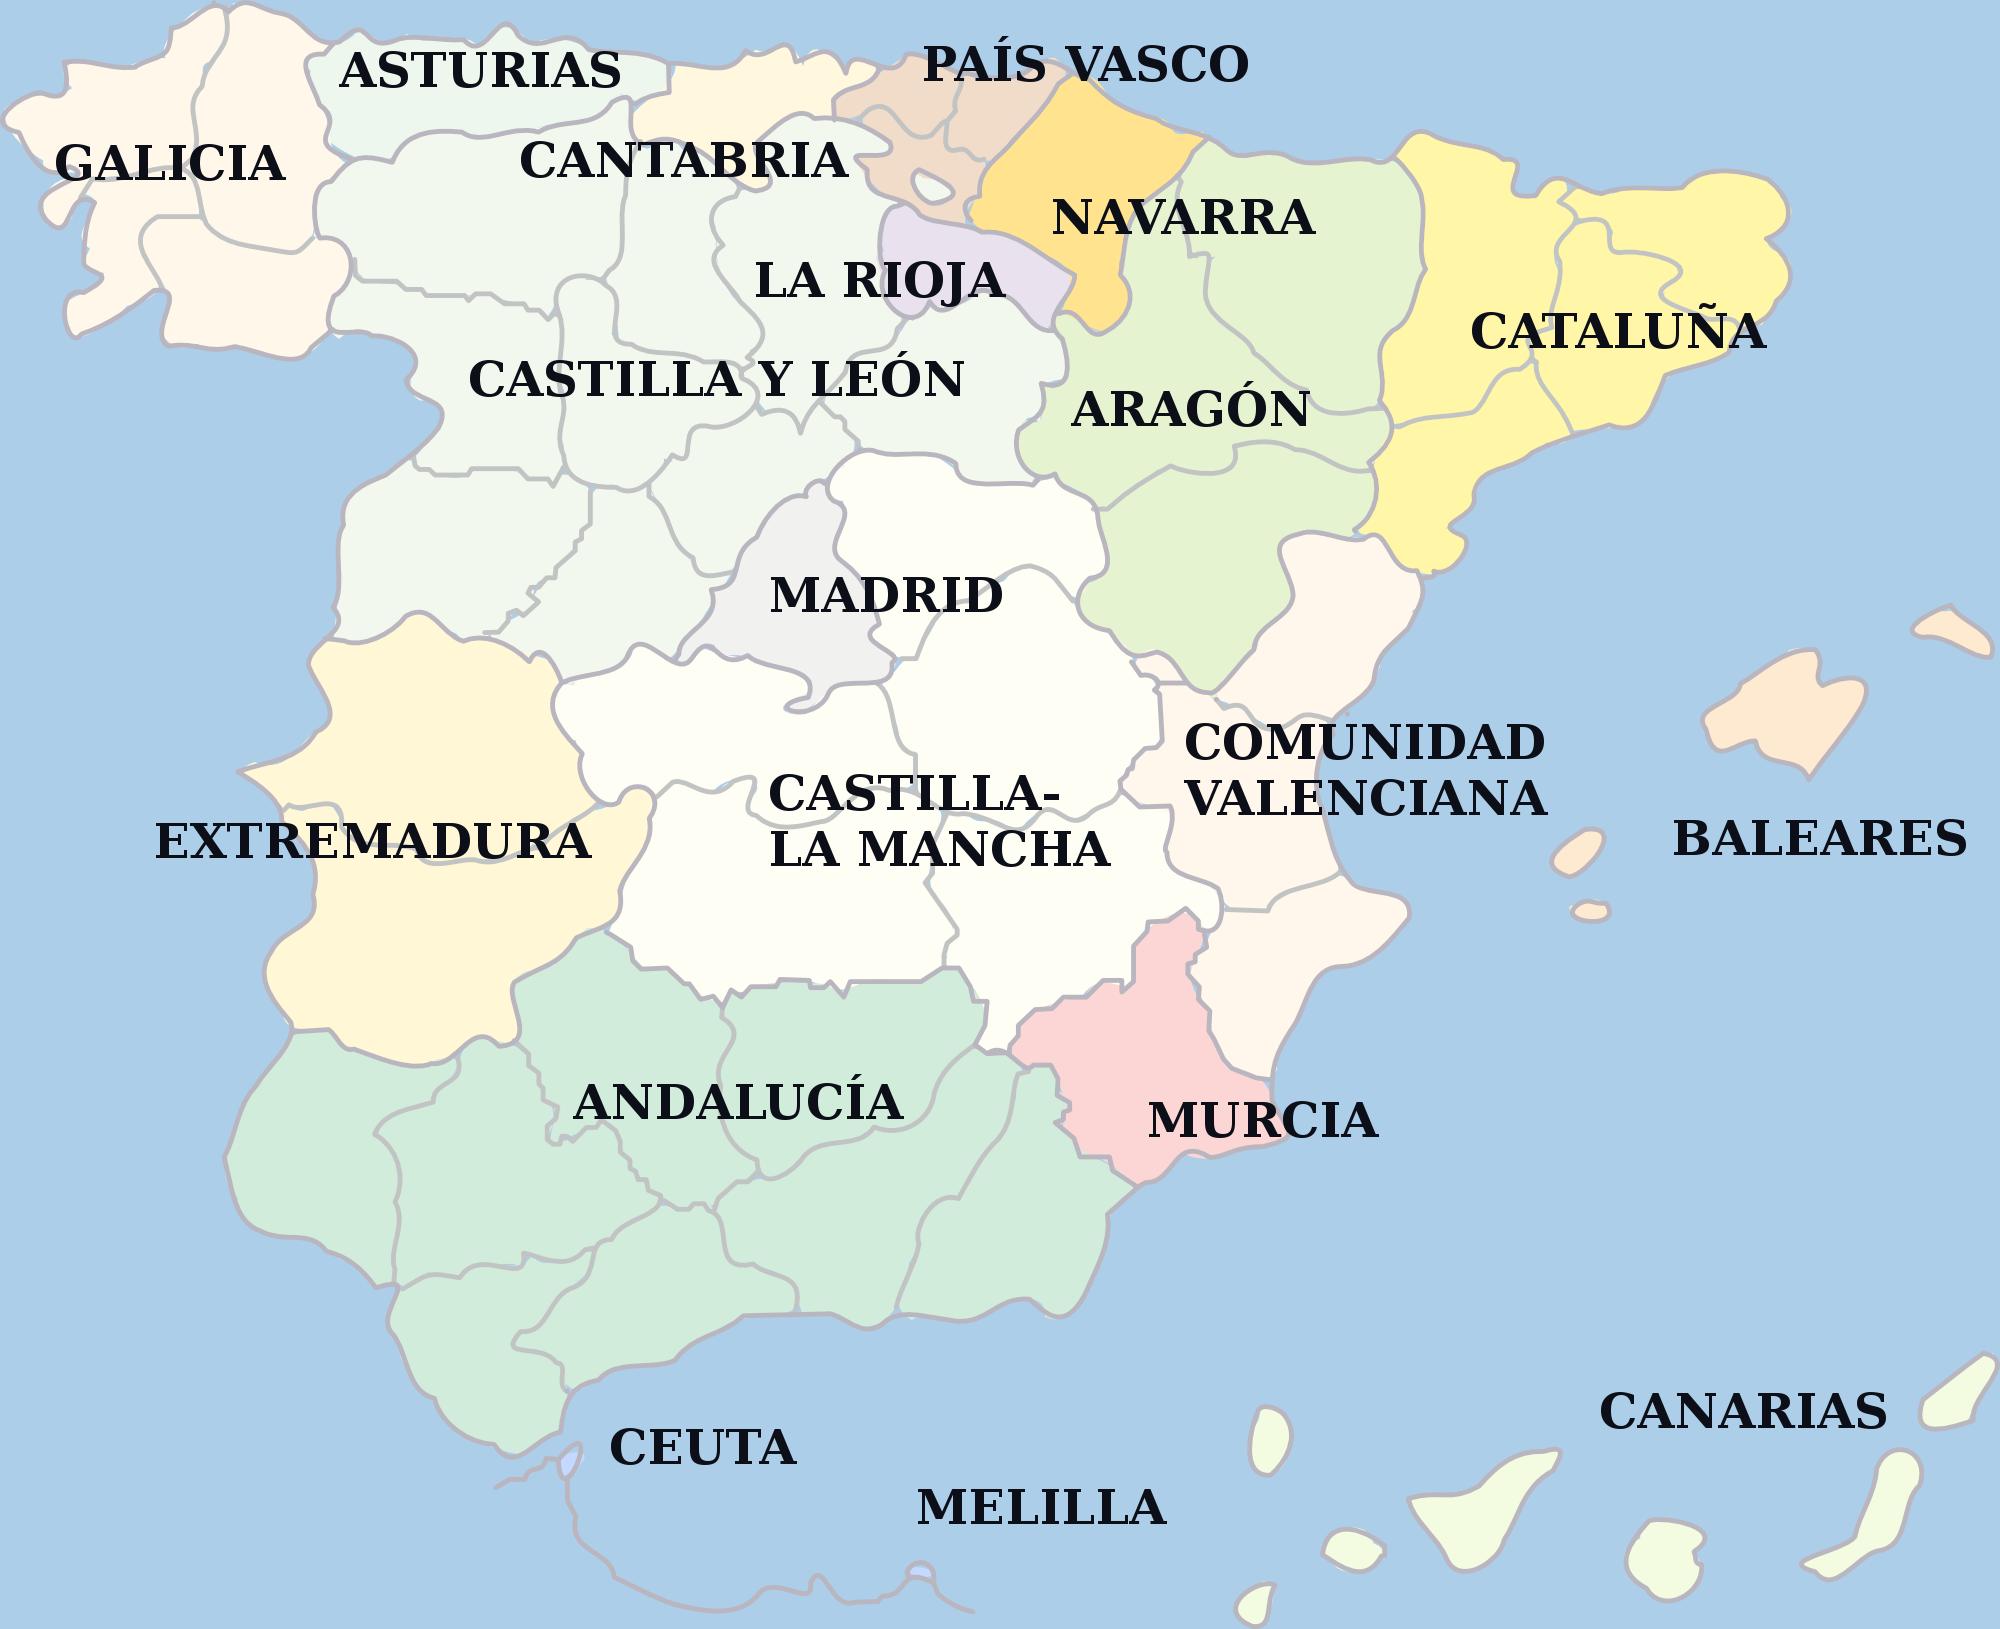 Calendario Vacunal Andalucia.Calendario Vacunal Vacunas Asociacion Espanola De Vacunologia